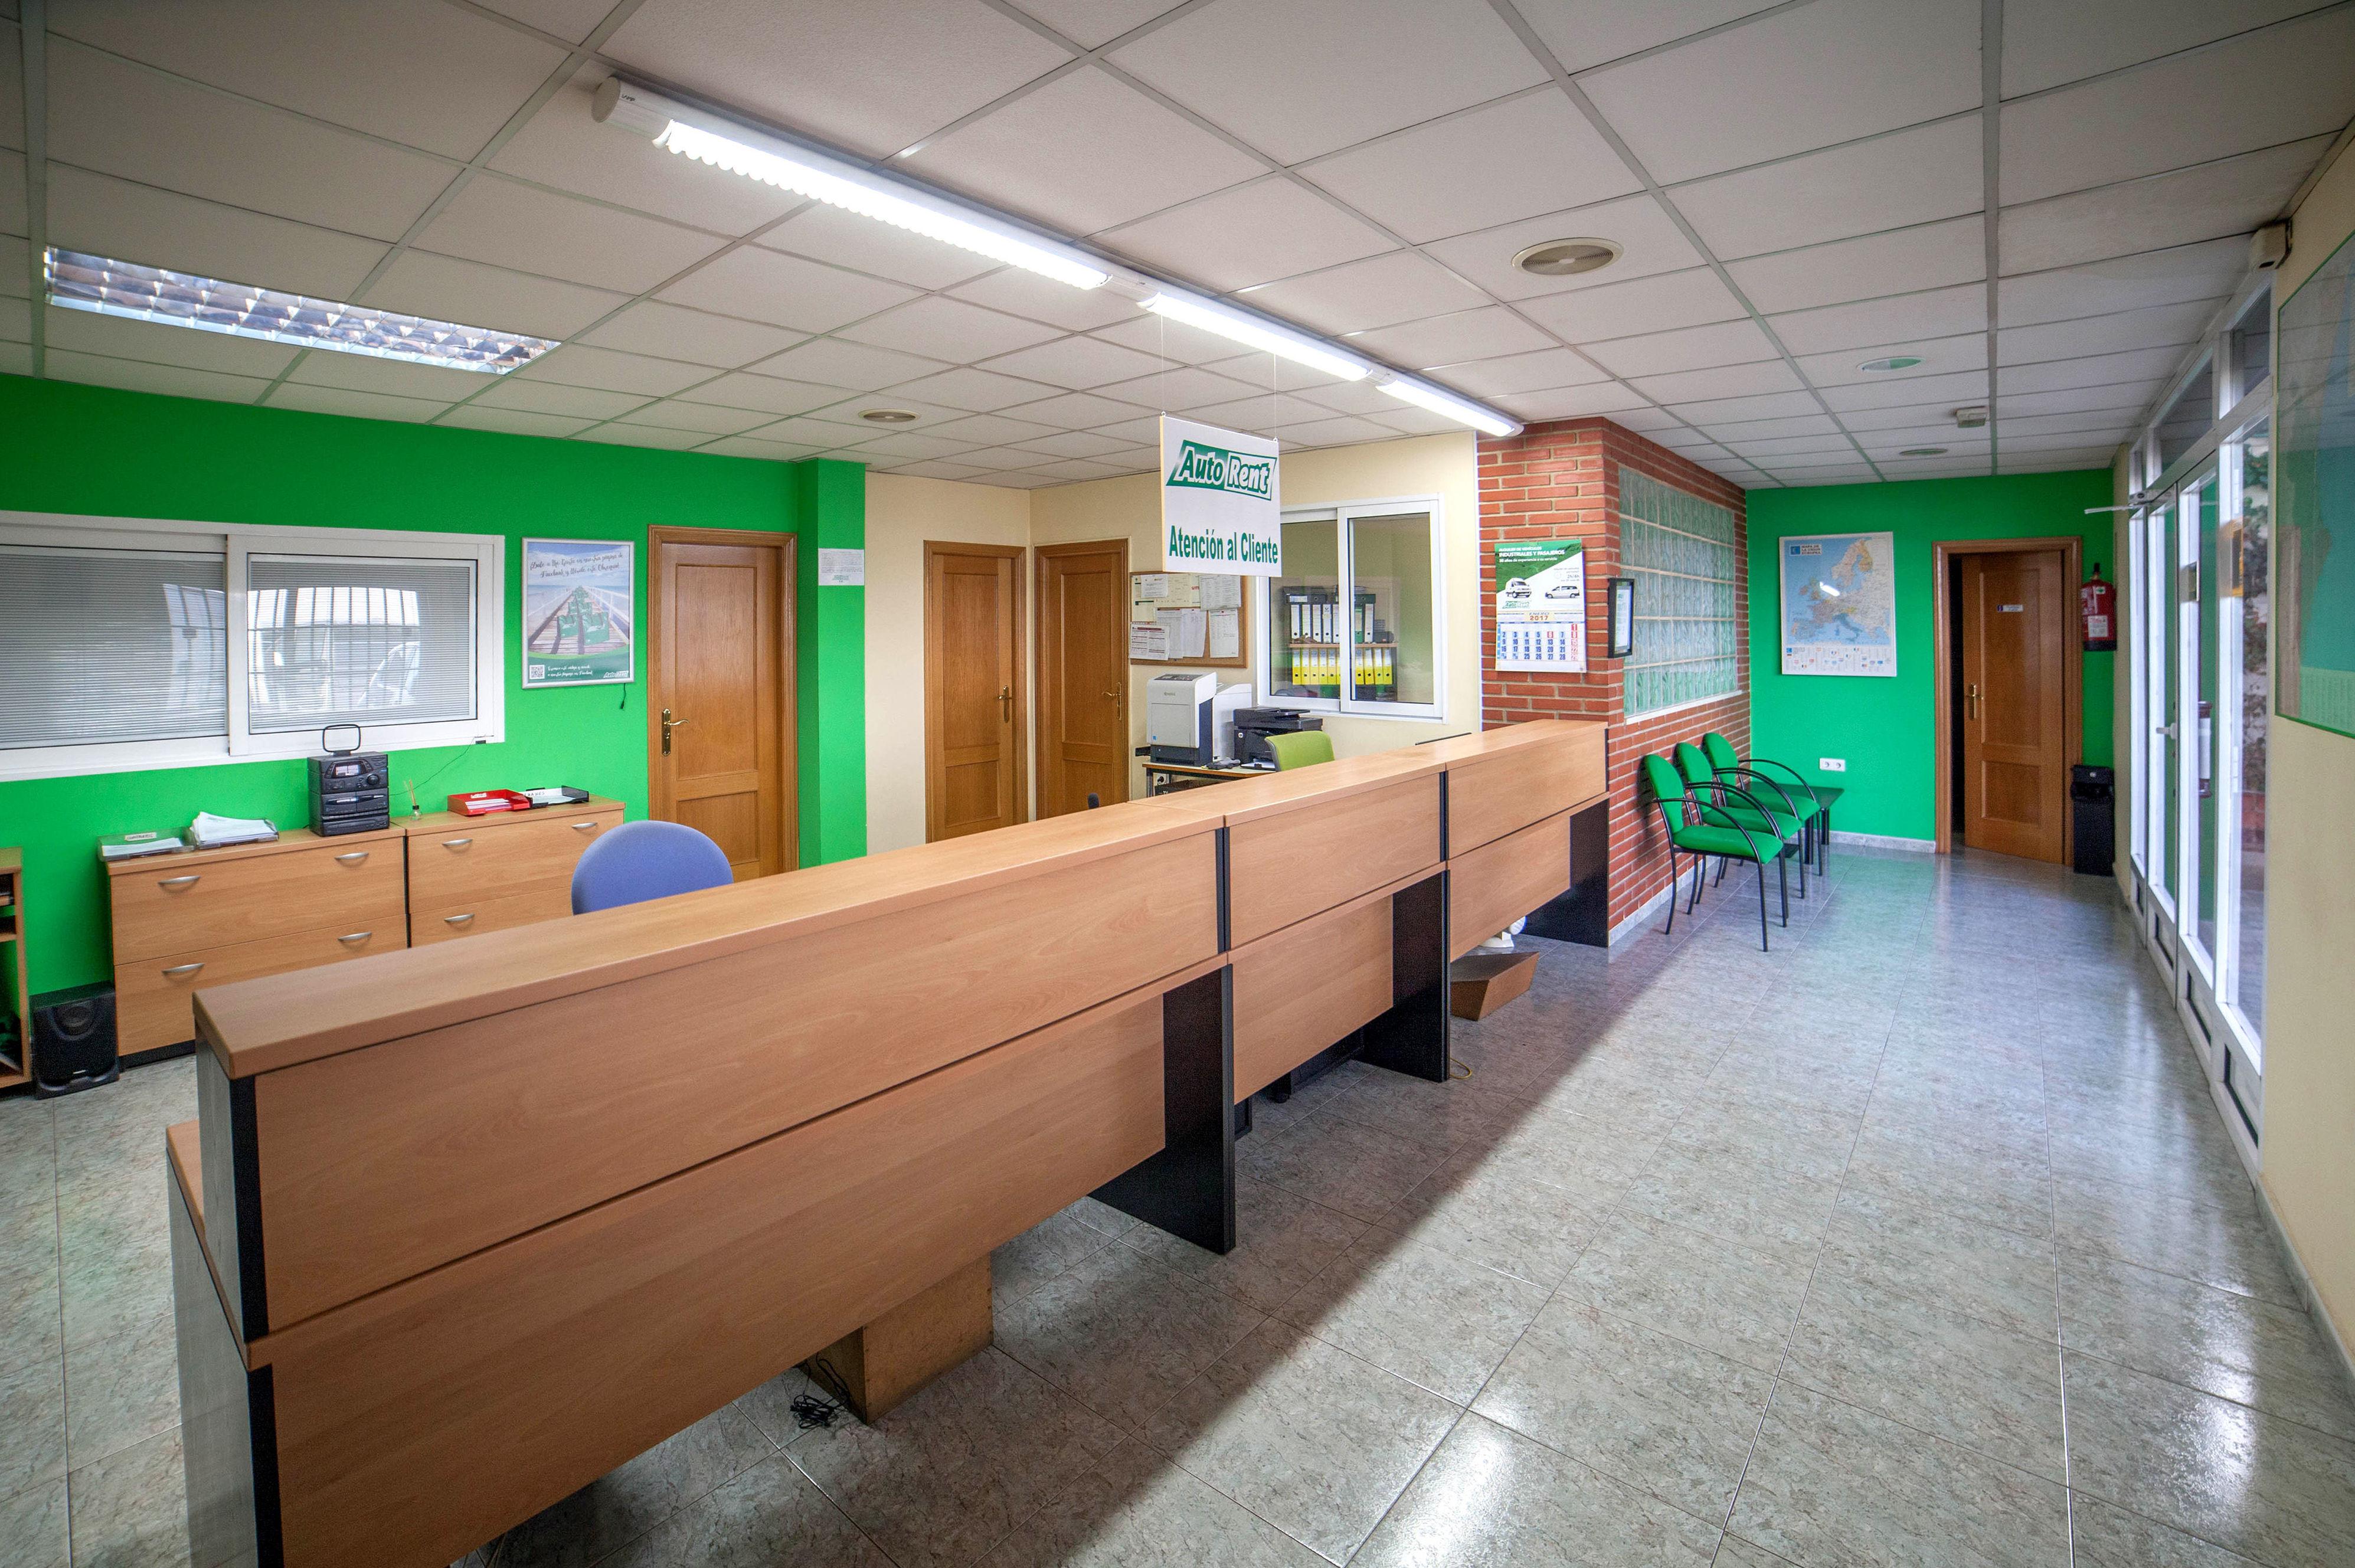 Oficinas de Auto Rent Valencia